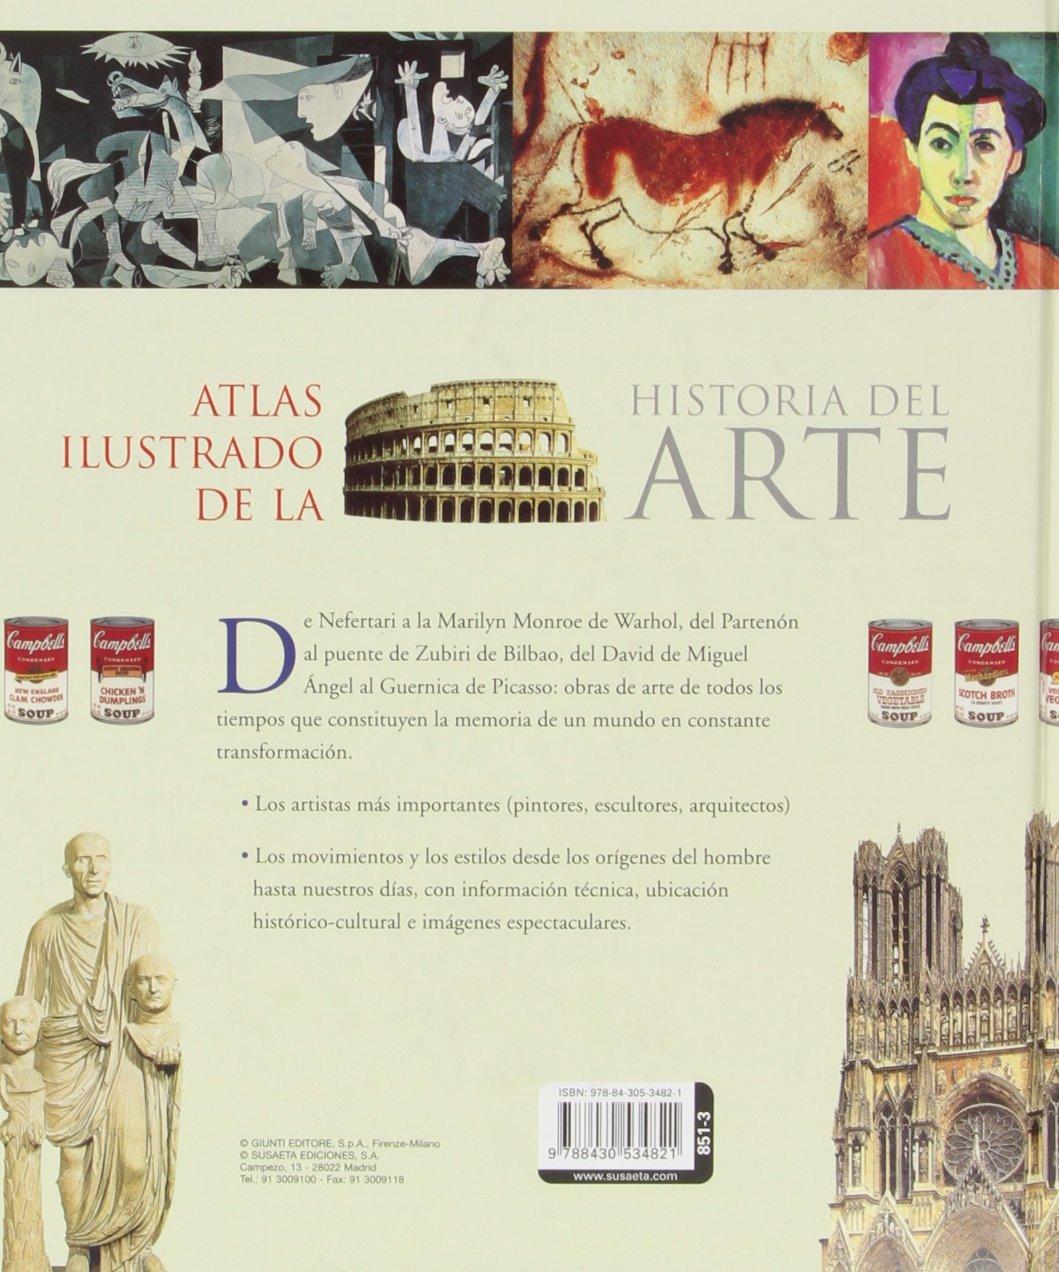 Atlas Ilustrado De La Historia Del Arte (T.D): Amazon.es: Prette, María Carla, De Giorgis, Alfonso, Susaeta, Equipo: Libros